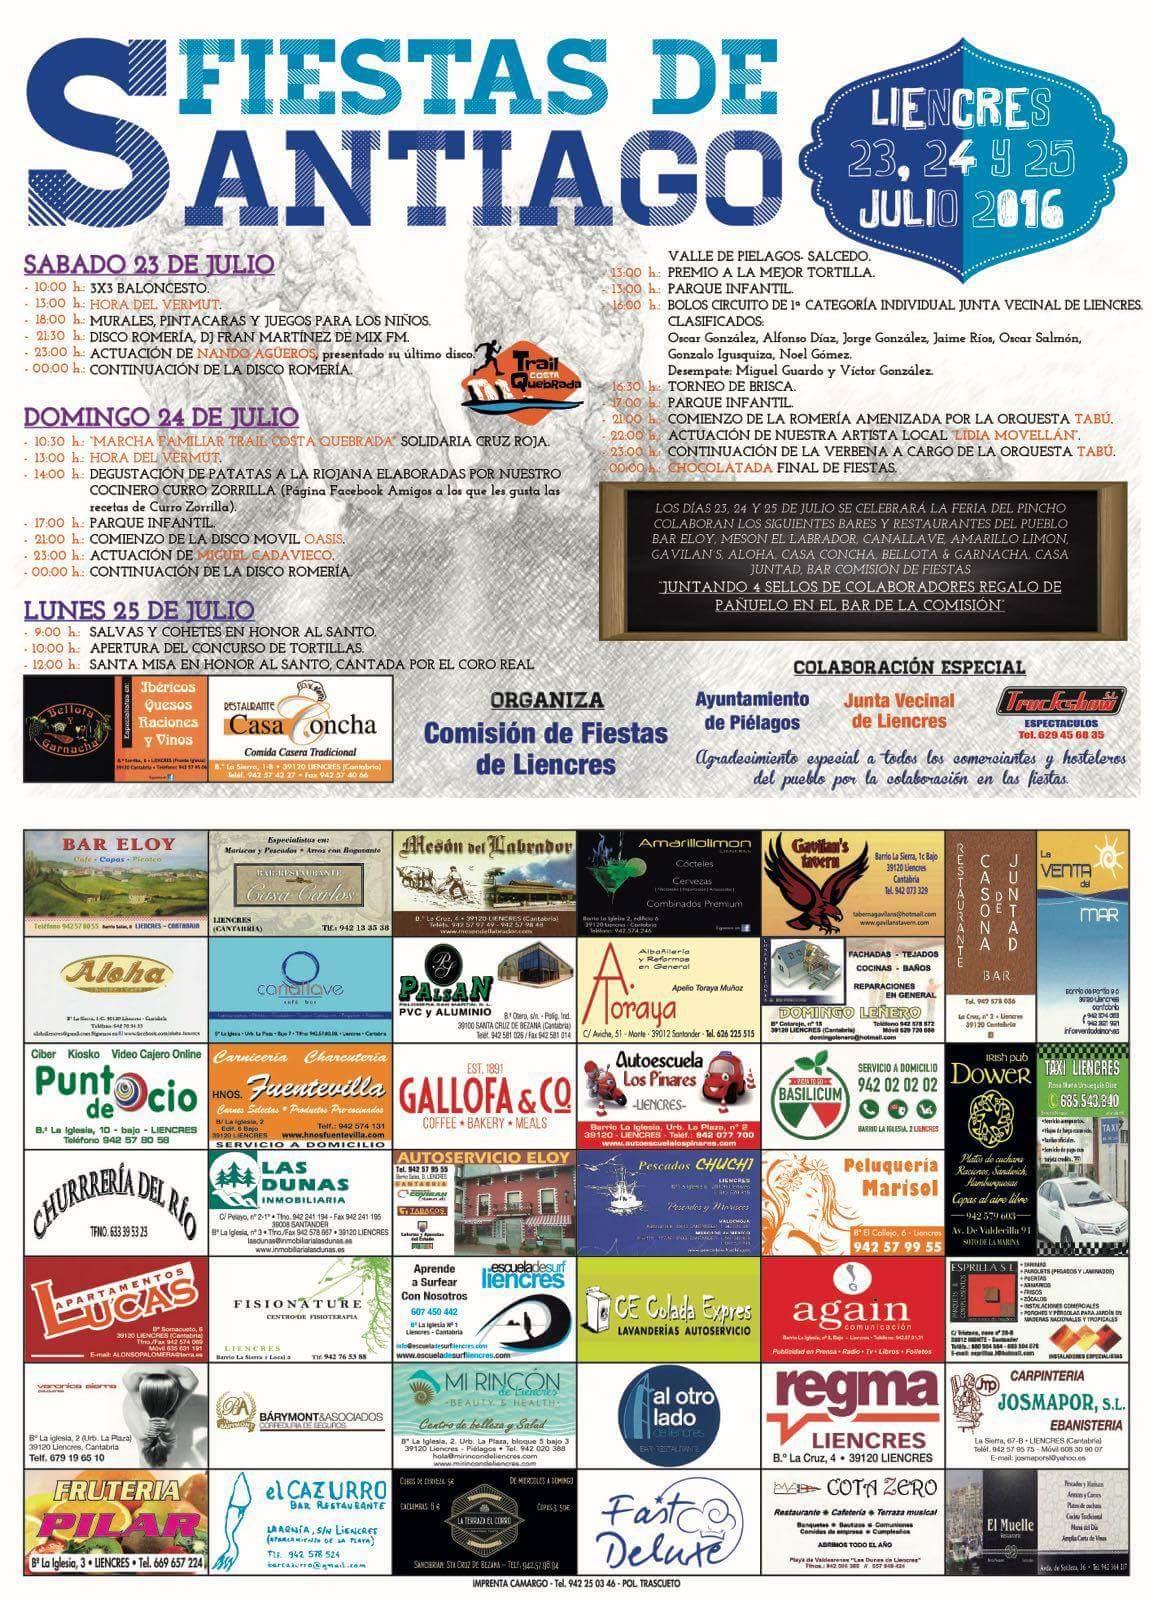 Fiestas de santiago en liencres 2016 miplanhoy agenda for Concierto hoy en santiago